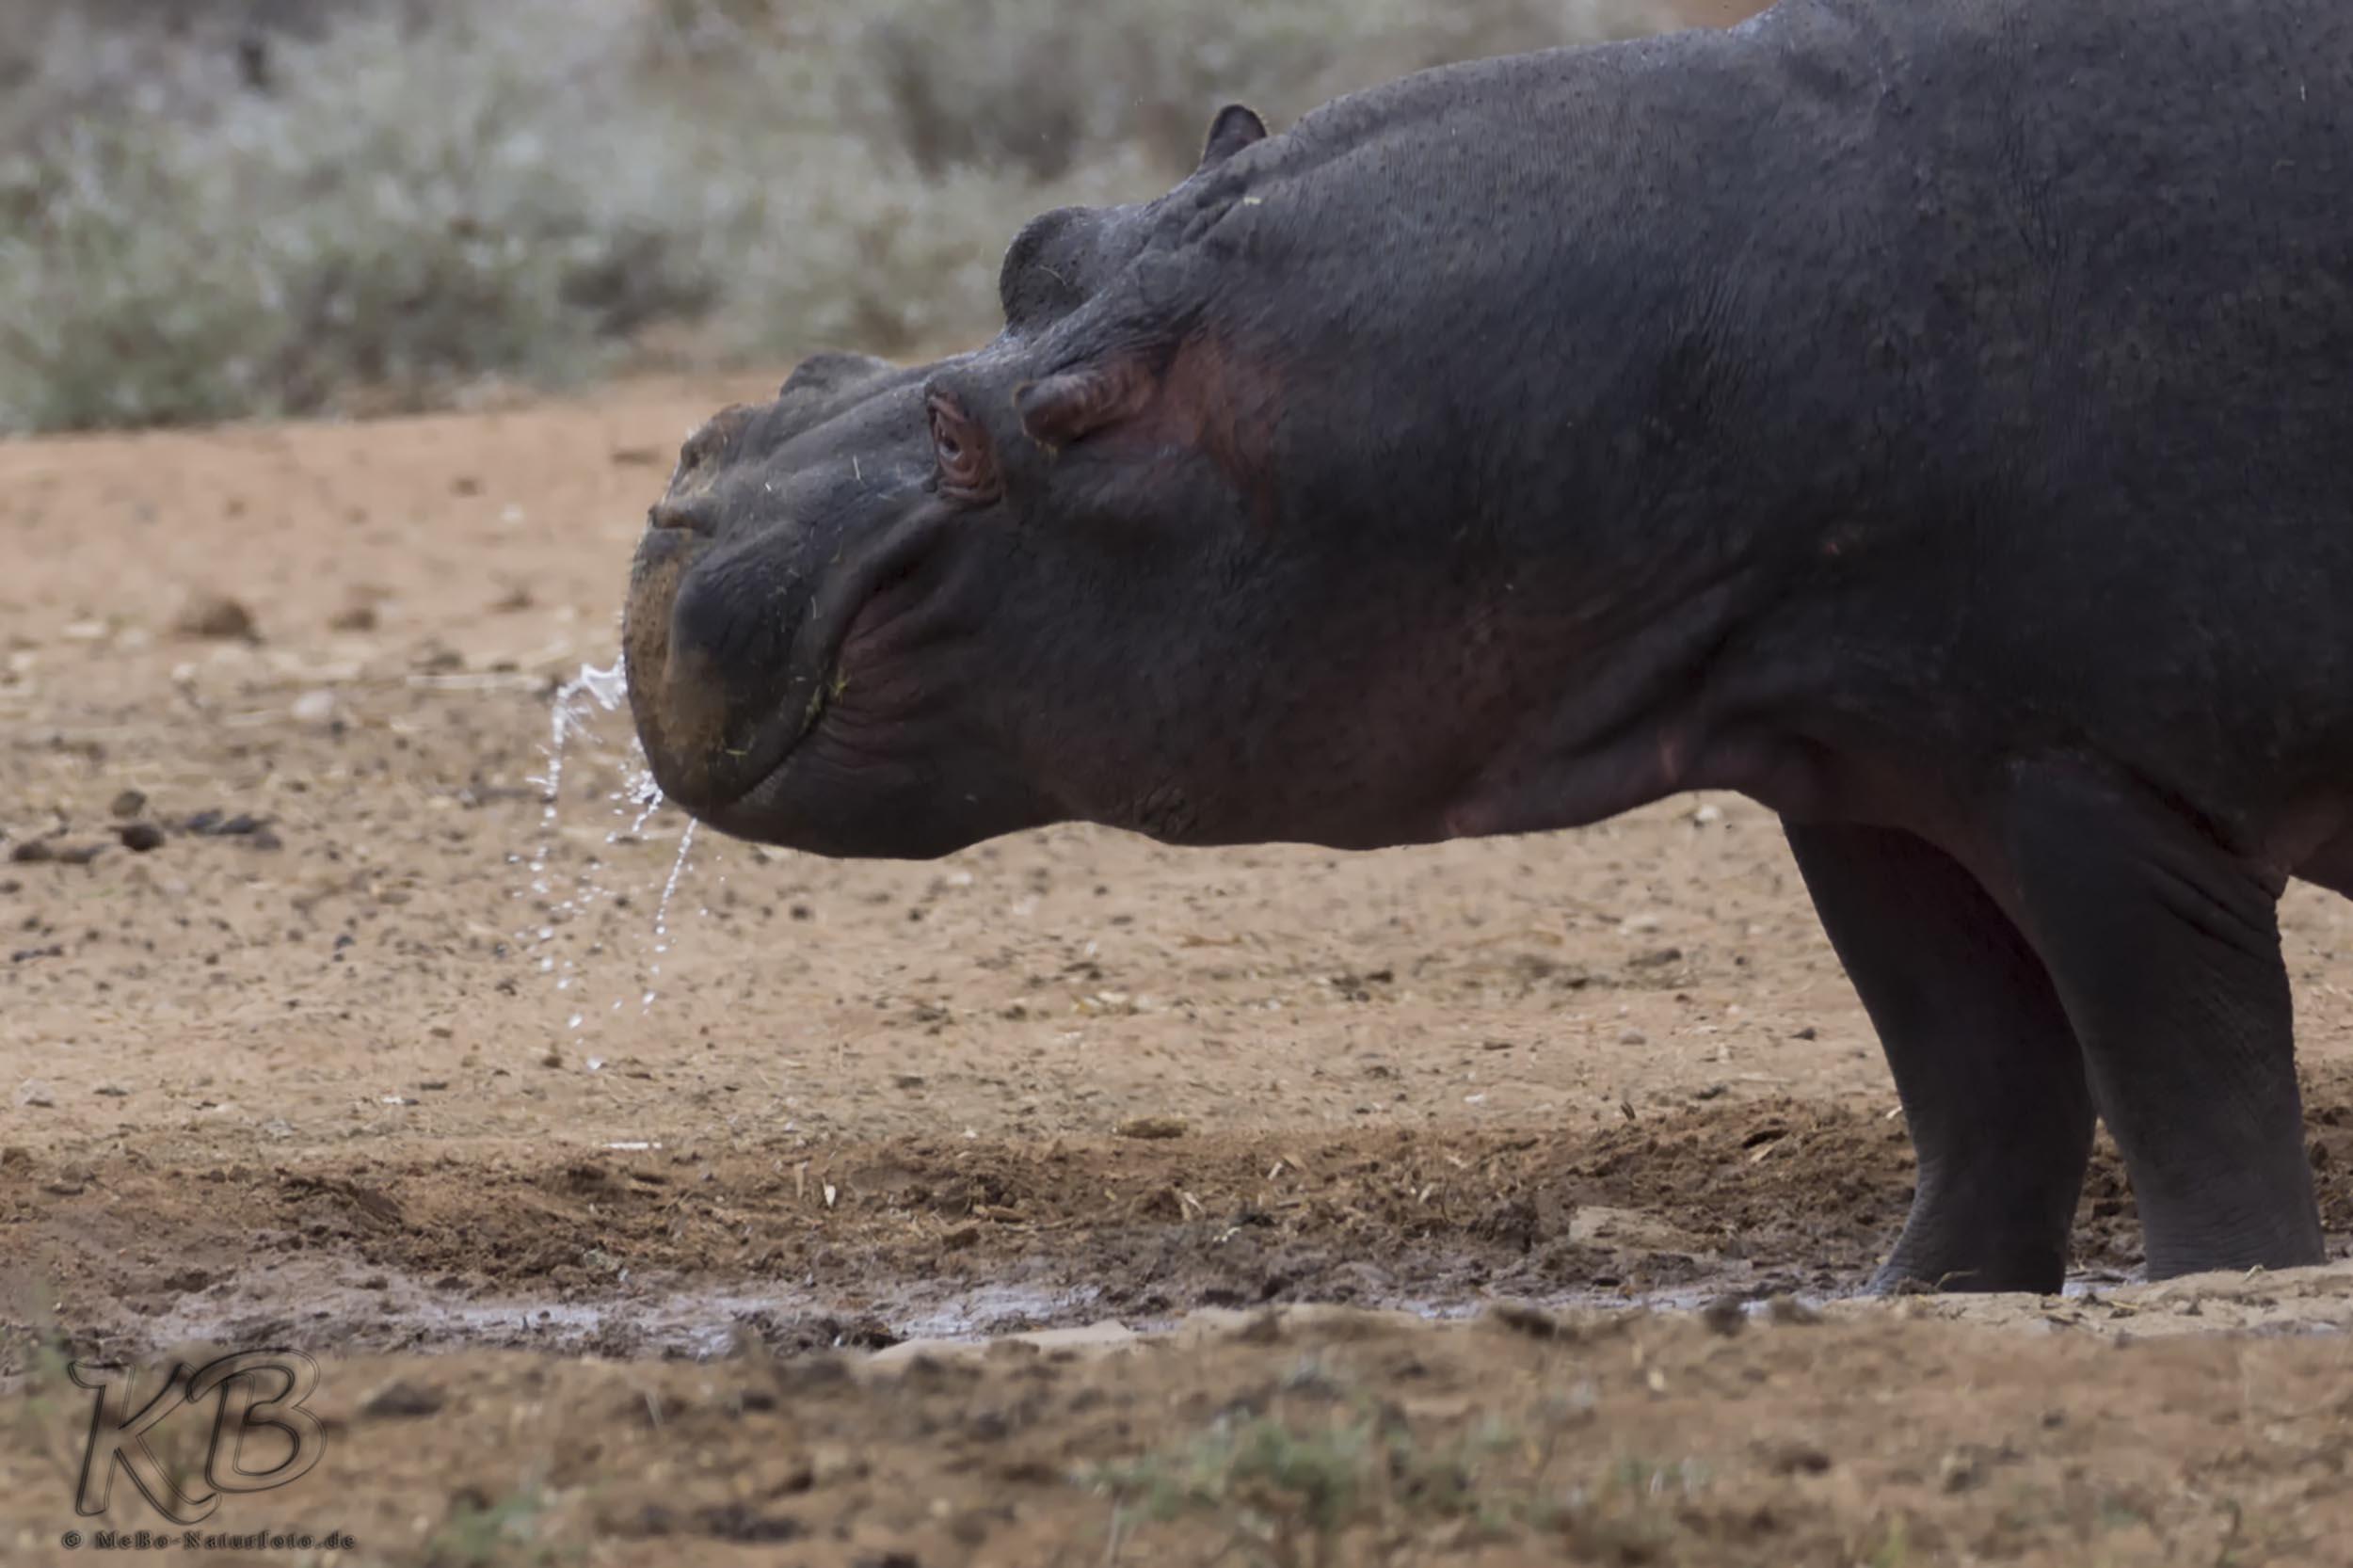 das ist eindeutig zu wenig Wasser für ein Nilpferd